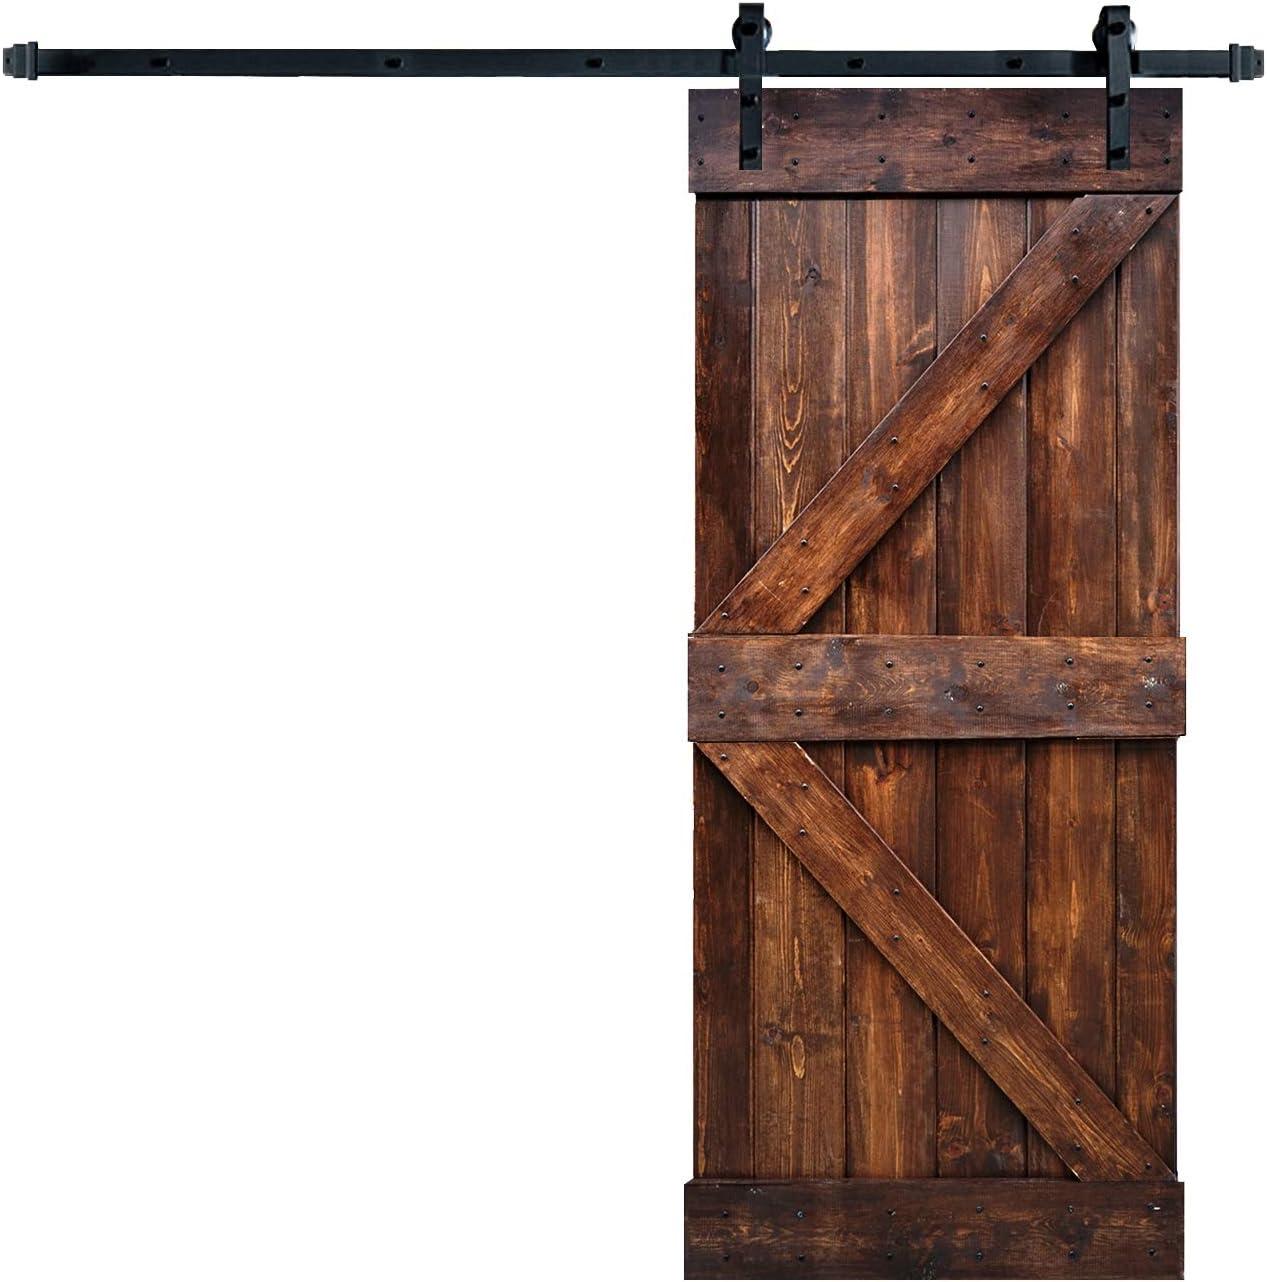 Wellhome Kit de herramientas deslizantes de 6.6 pies + puerta de madera pintada de granero de la serie K DIY (Dark Walunt): Amazon.es: Bricolaje y herramientas